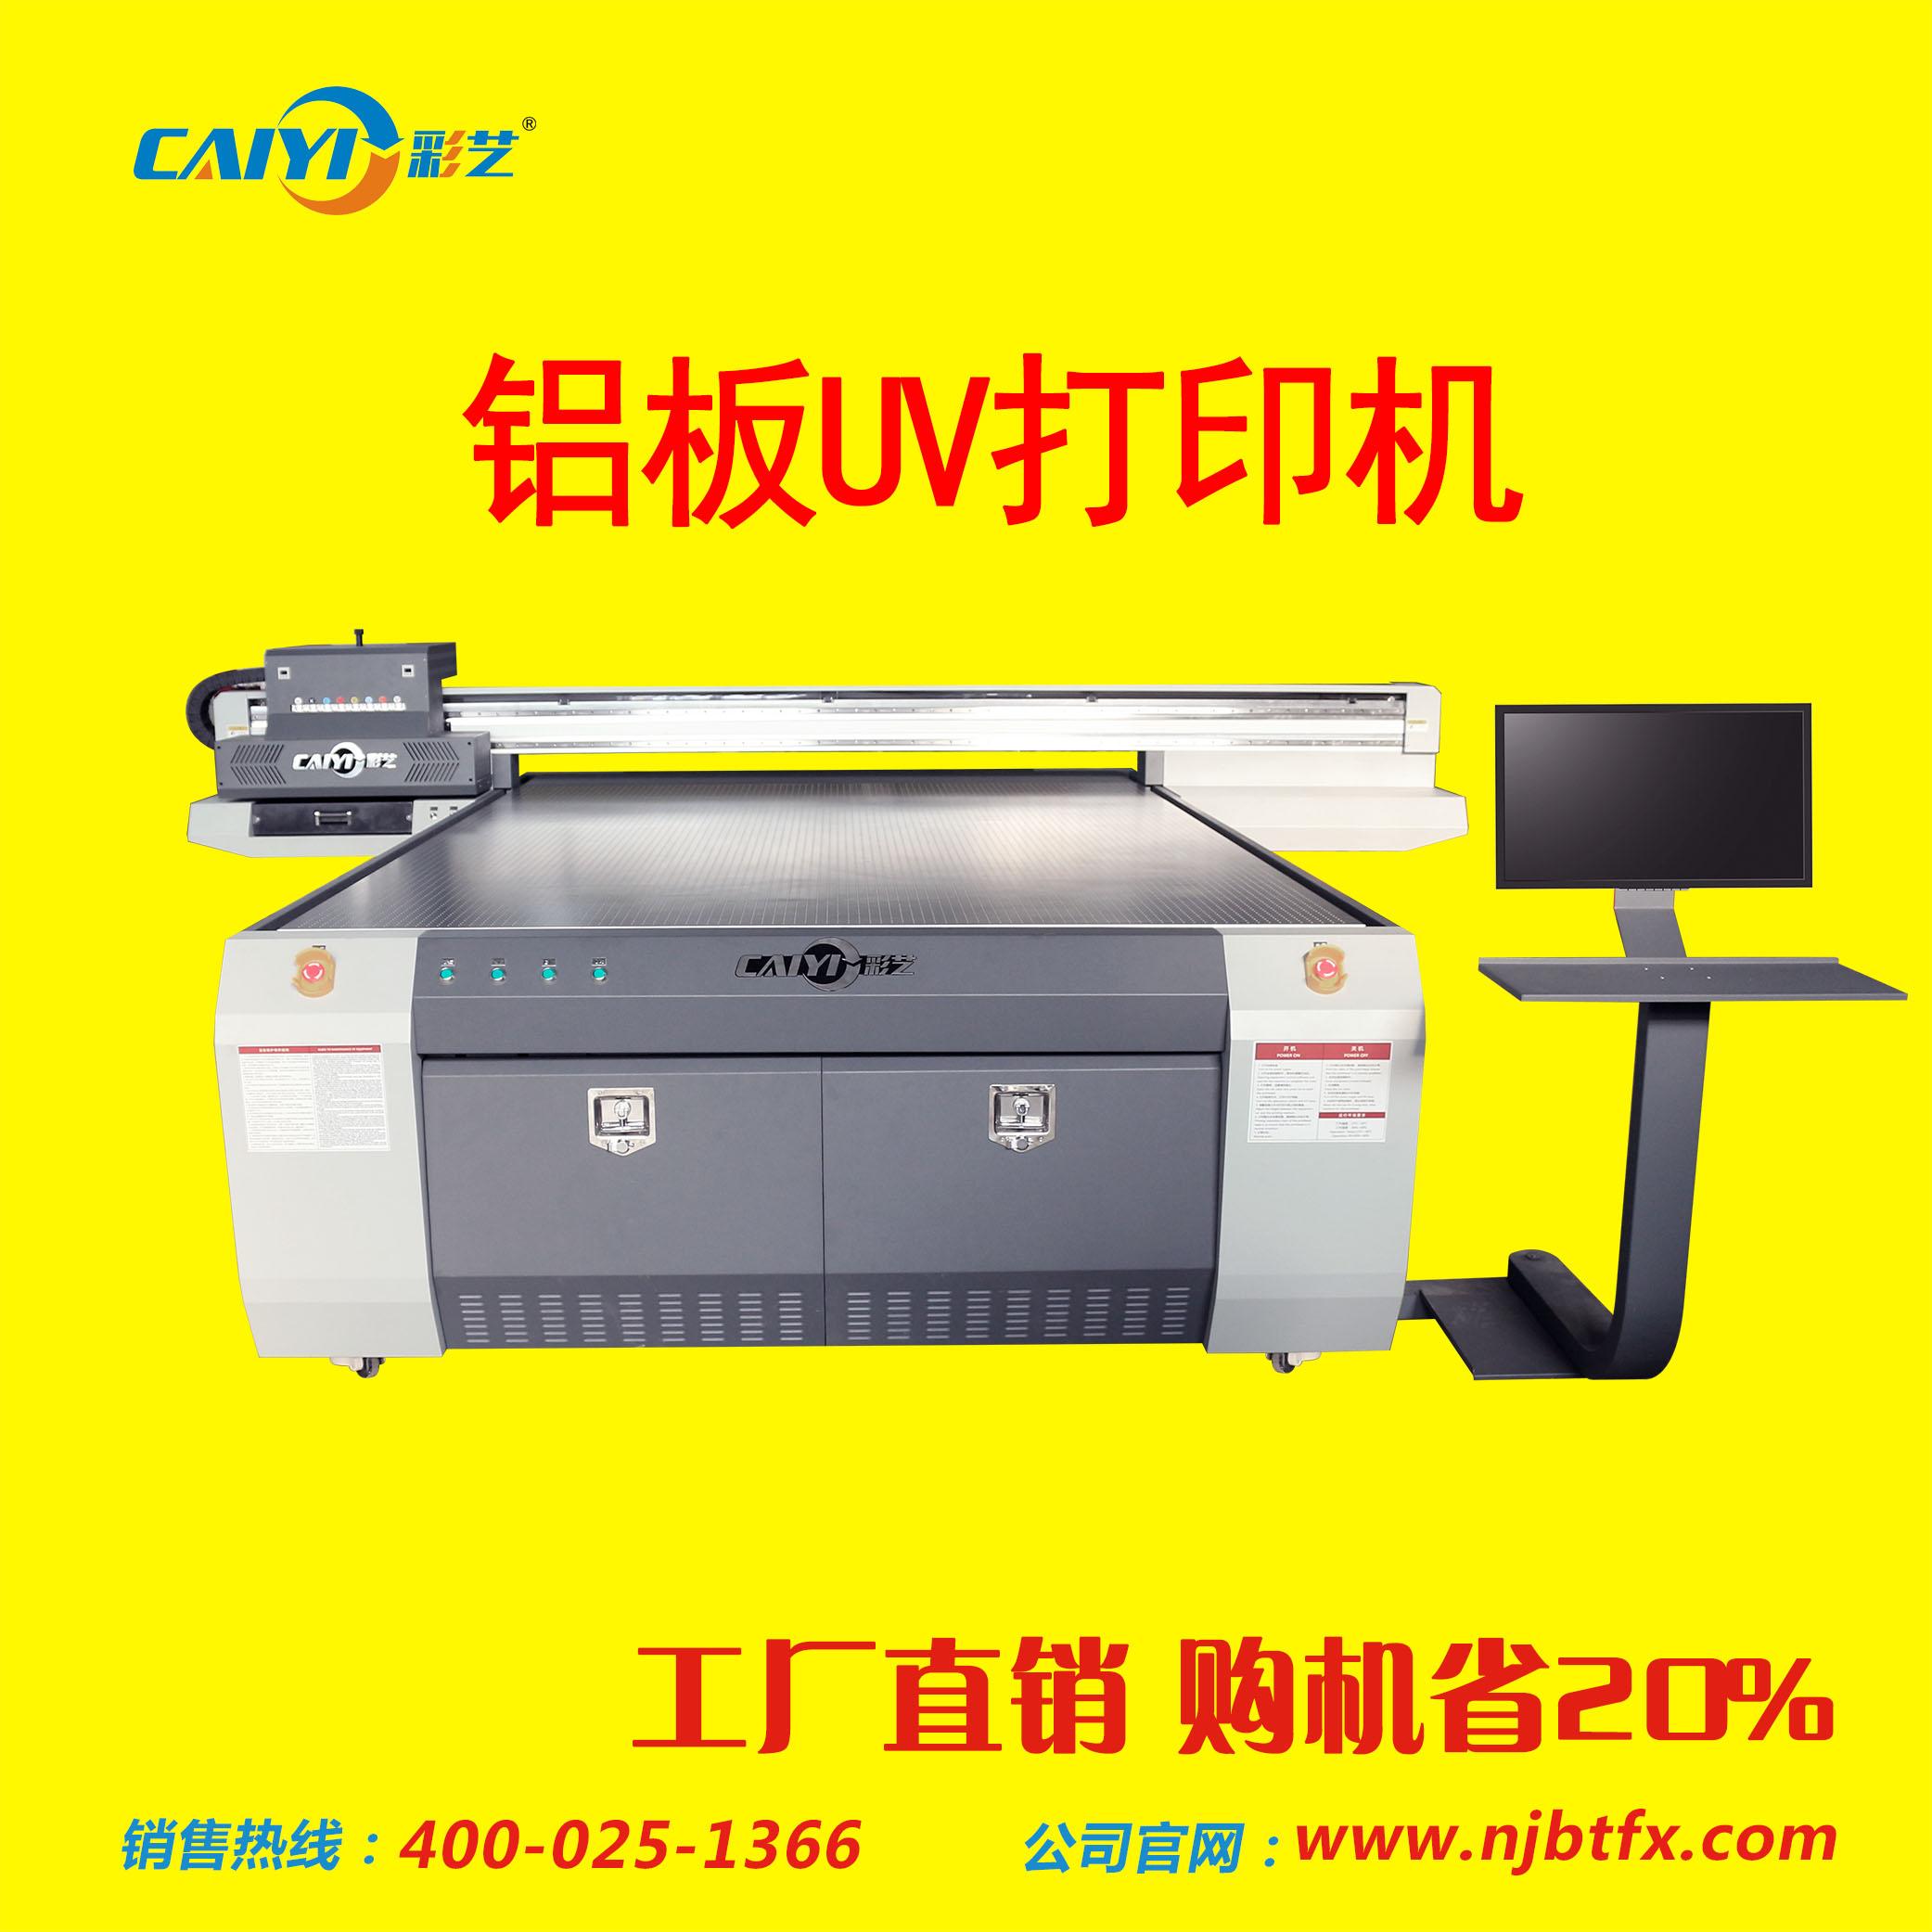 【精品推荐】铝板打印机 金属板打印机   UV平板打印机  UV打印机  优质厂家大量供应